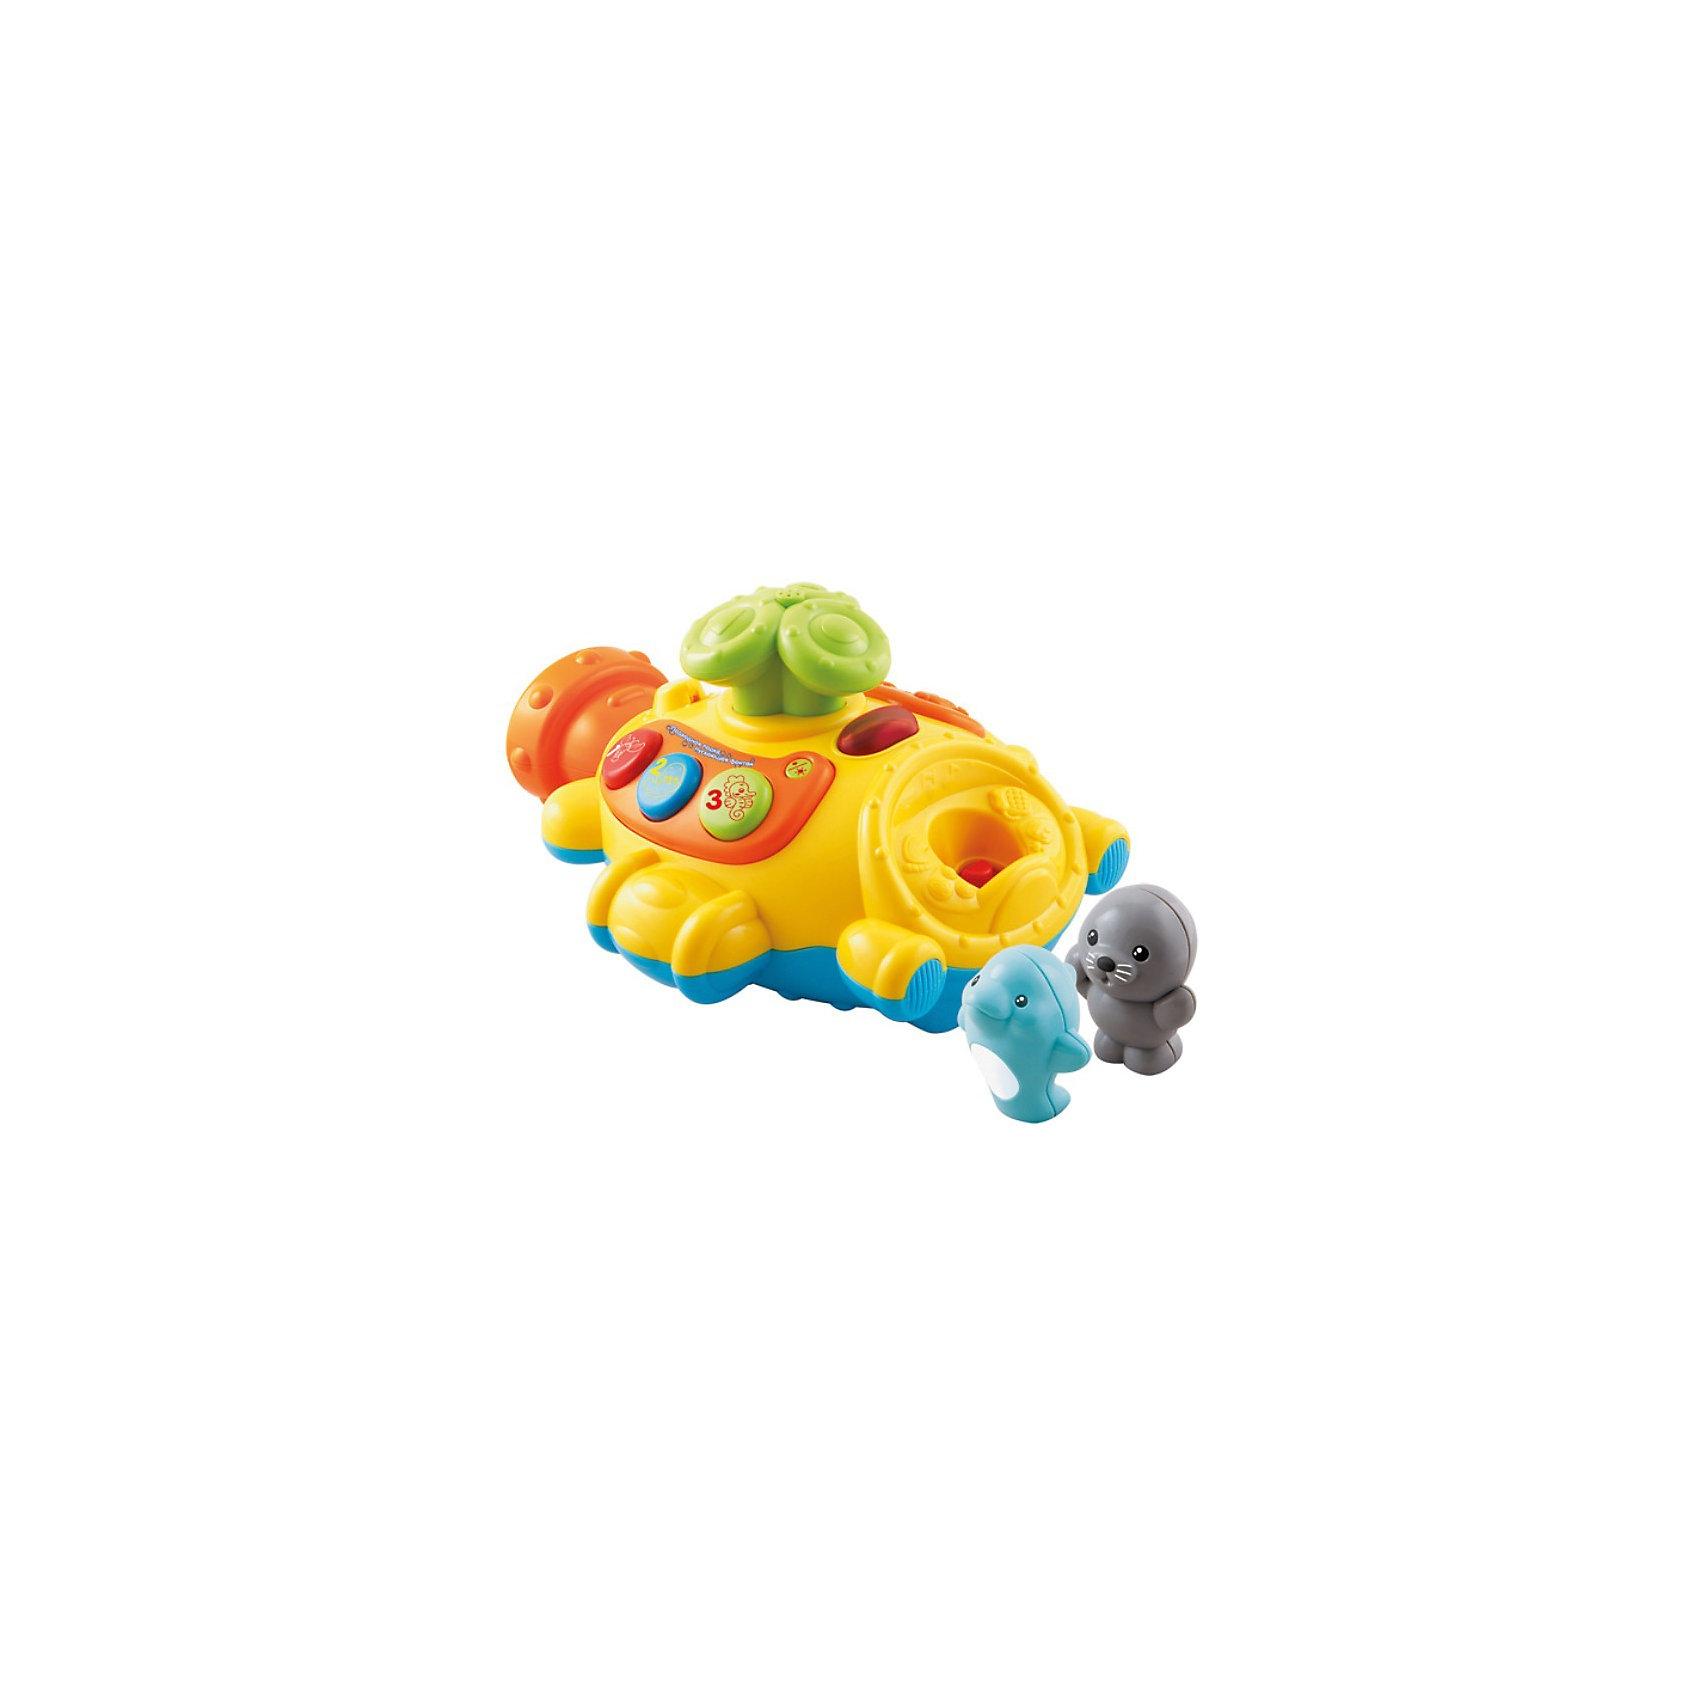 Игрушка для ванной Подводная лодка, VtechКорабли и лодки<br>Игрушка для ванной Подводная лодка, Vtech (Втеч).<br><br>Характеристики:<br><br>• Для детей от 1 года<br>• Комплектация: подводная лодка, съёмная спасательная лодка, 2 фигурки морских животных<br>• Размер подводной лодки: 26х22х14 см.<br>• Высота фигурки: 7,5 см.<br>• Материал: пластик<br>• Обучение: названия морских животных, цвета, цифры<br>• Песня из мультфильма «Мама для мамонтенка».<br>• Батарейки: 3 типа АА (в комплекте демонстрационные)<br>• Упаковка: красочная подарочная коробка<br>• Размер упаковки: 31х15,5х24,5 см.<br><br>Подводная лодка от французской компании Vtech – восхитительная игрушка для ванны, с которой купание вашего малыша будет не только веселым, но и познавательным! В комплект входят: игрушка в виде подводной лодки с перископом, фигурки морского котика и дельфина, а также съемная спасательная лодка. <br><br>Водонепроницаемый пластиковый корпус подводной лодки позволяет играть с ней в воде, при этом автоматически из перископа брызгает вода и проигрывается песенка из мультфильма «Мама для мамонтенка». Фигурки морских животных и спасательную лодку можно закрепить на корпусе подлодки. Если малыш нажмет на фигурку животного, то он услышит забавные звуки или веселую мелодию. <br><br>На подводной лодке расположены три кнопки, при нажатии на которые ребенок познакомится с цветами, цифрами от 1 до 3 и морскими животными. Режим вопросов поможет закрепить полученные знания. Предусмотрен таймер автоматического отключения. Игрушка изготовлена из прочного безопасного не бьющегося пластика. Продается в красочной коробке и идеально подходит в качестве подарка.<br><br>Игрушку для ванной Подводная лодка, Vtech (Втеч) можно купить в нашем интернет-магазине.<br><br>Ширина мм: 160<br>Глубина мм: 310<br>Высота мм: 240<br>Вес г: 1300<br>Возраст от месяцев: 12<br>Возраст до месяцев: 36<br>Пол: Унисекс<br>Возраст: Детский<br>SKU: 3380325